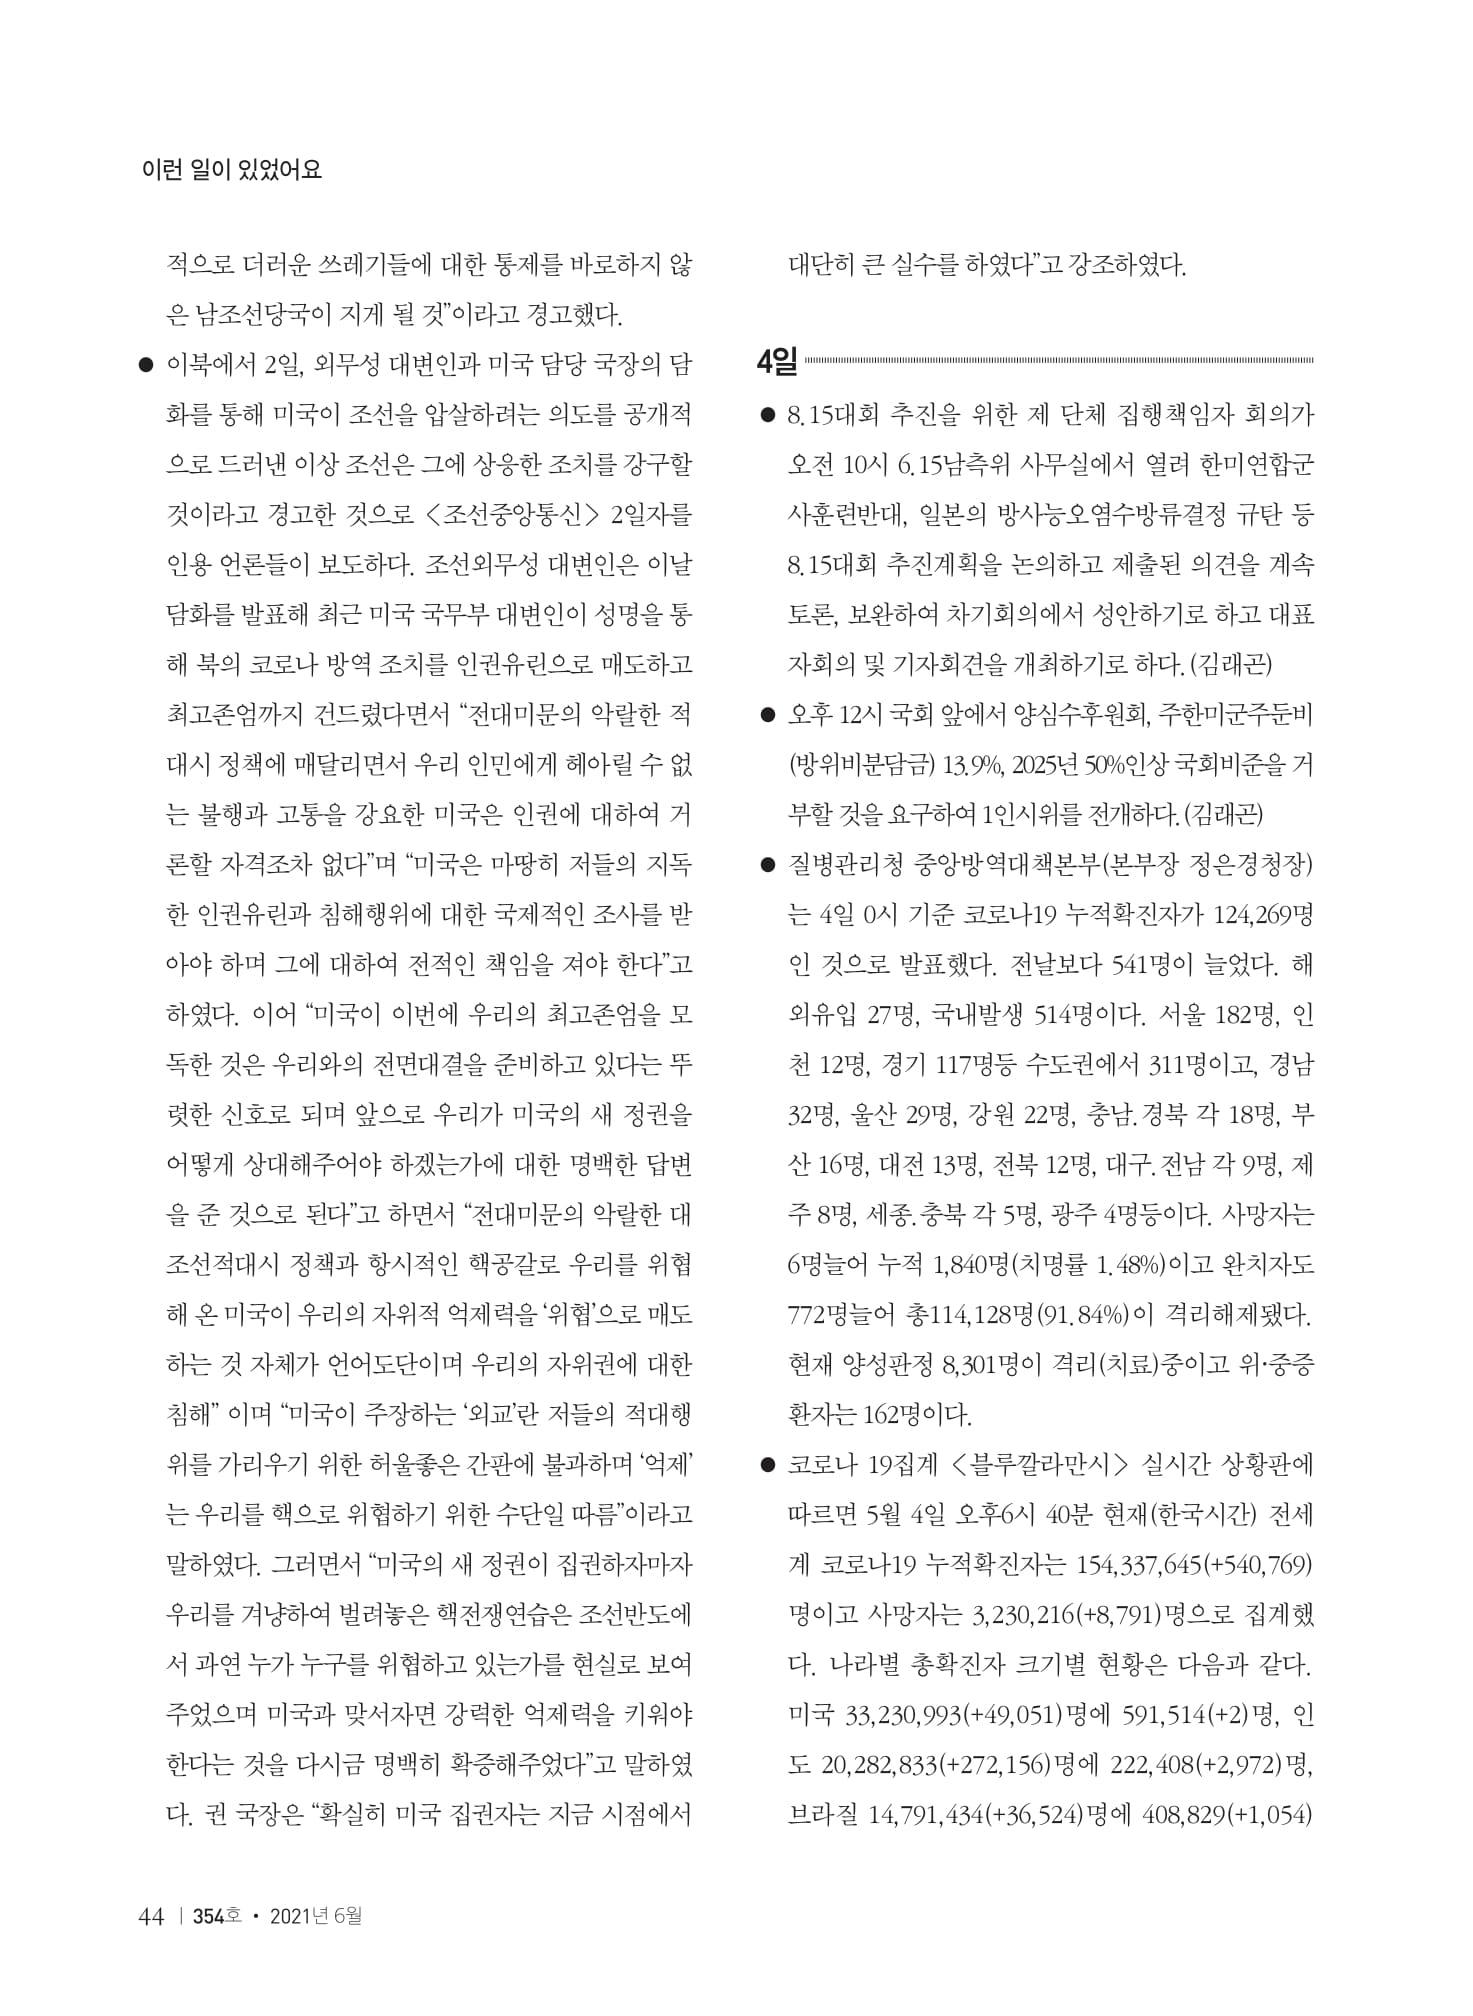 [양심수후원회] 소식지 354호 web 수정-46.jpg